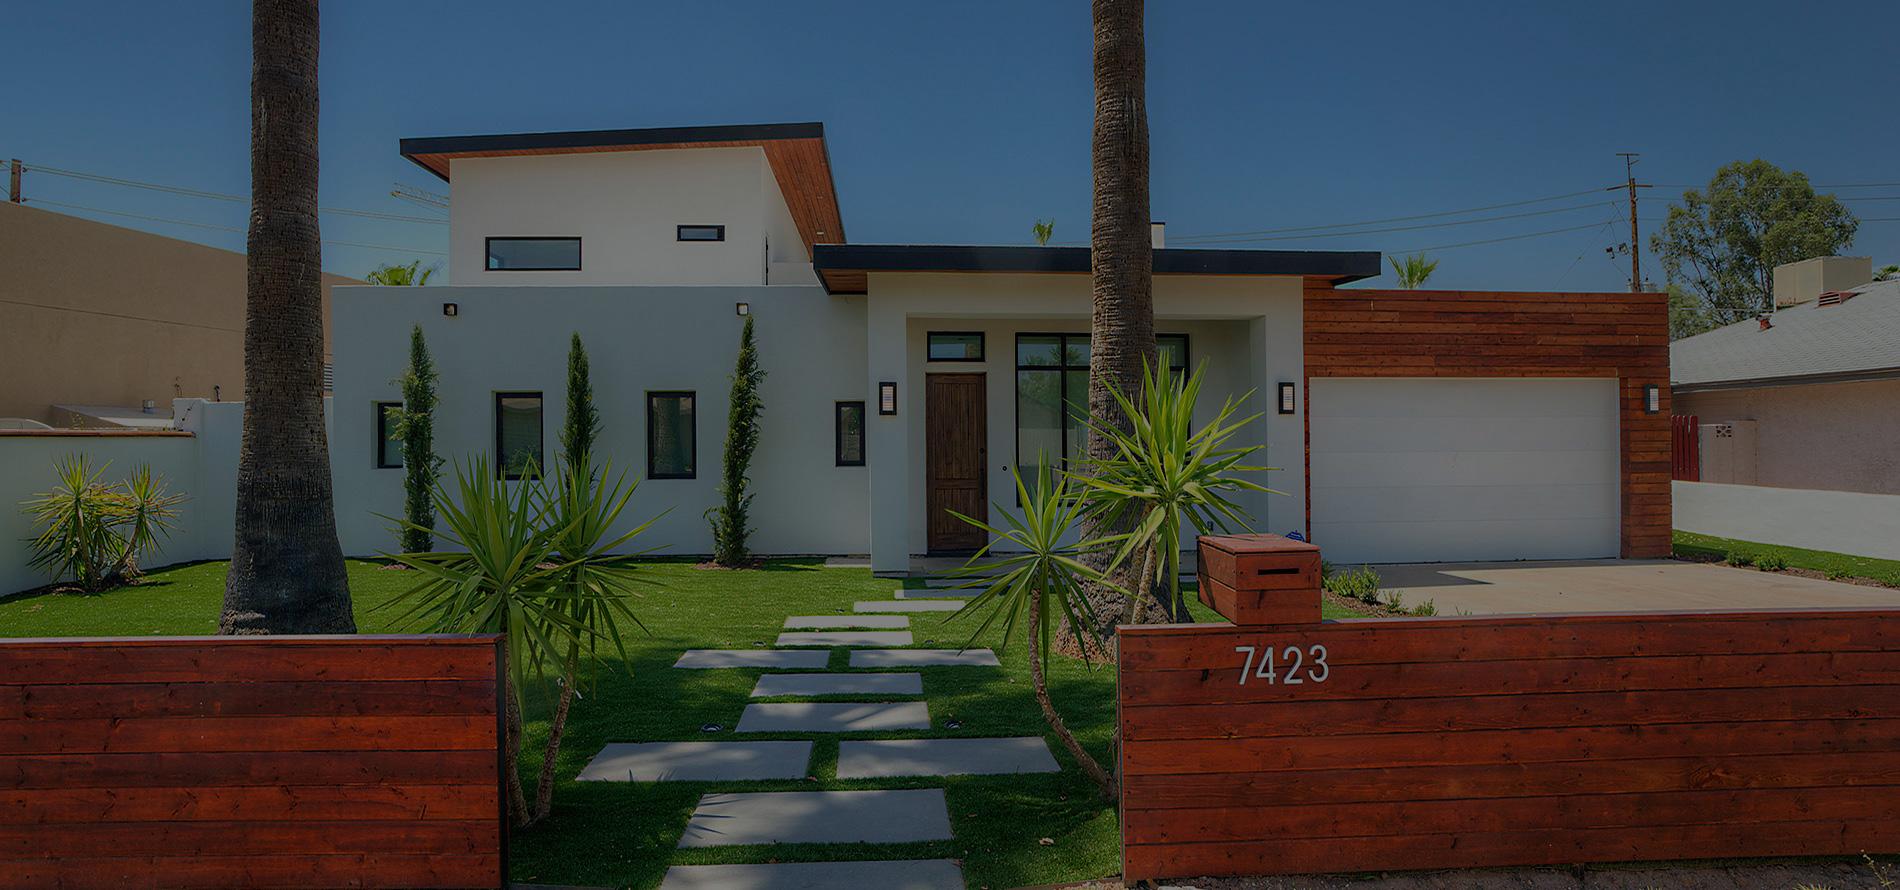 Custom Home Builders Remodeling In Phoenix Alair Homes Phoenix